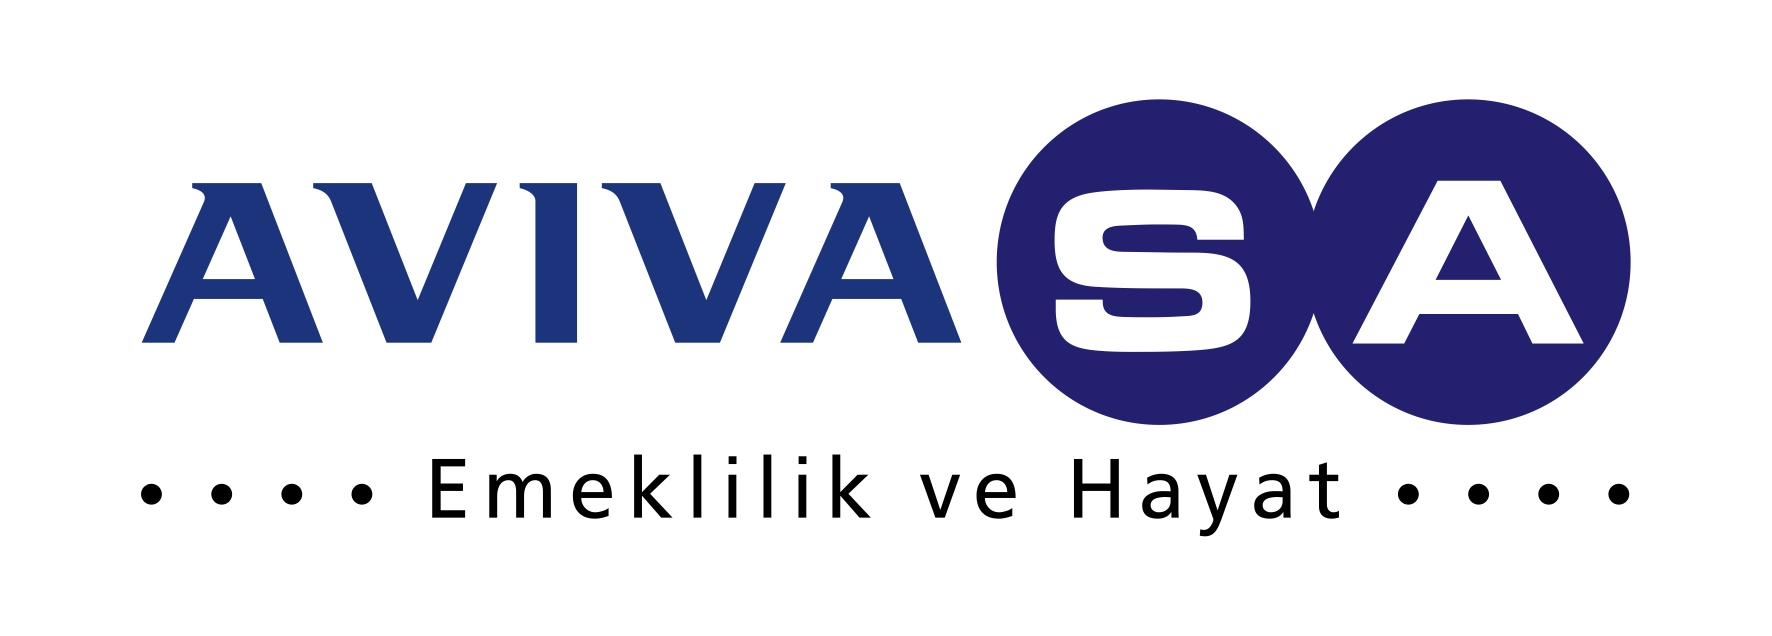 AvivaSA Müşteri Hizmetleri Çağrı Merkezi İletişim Telefon Numarası